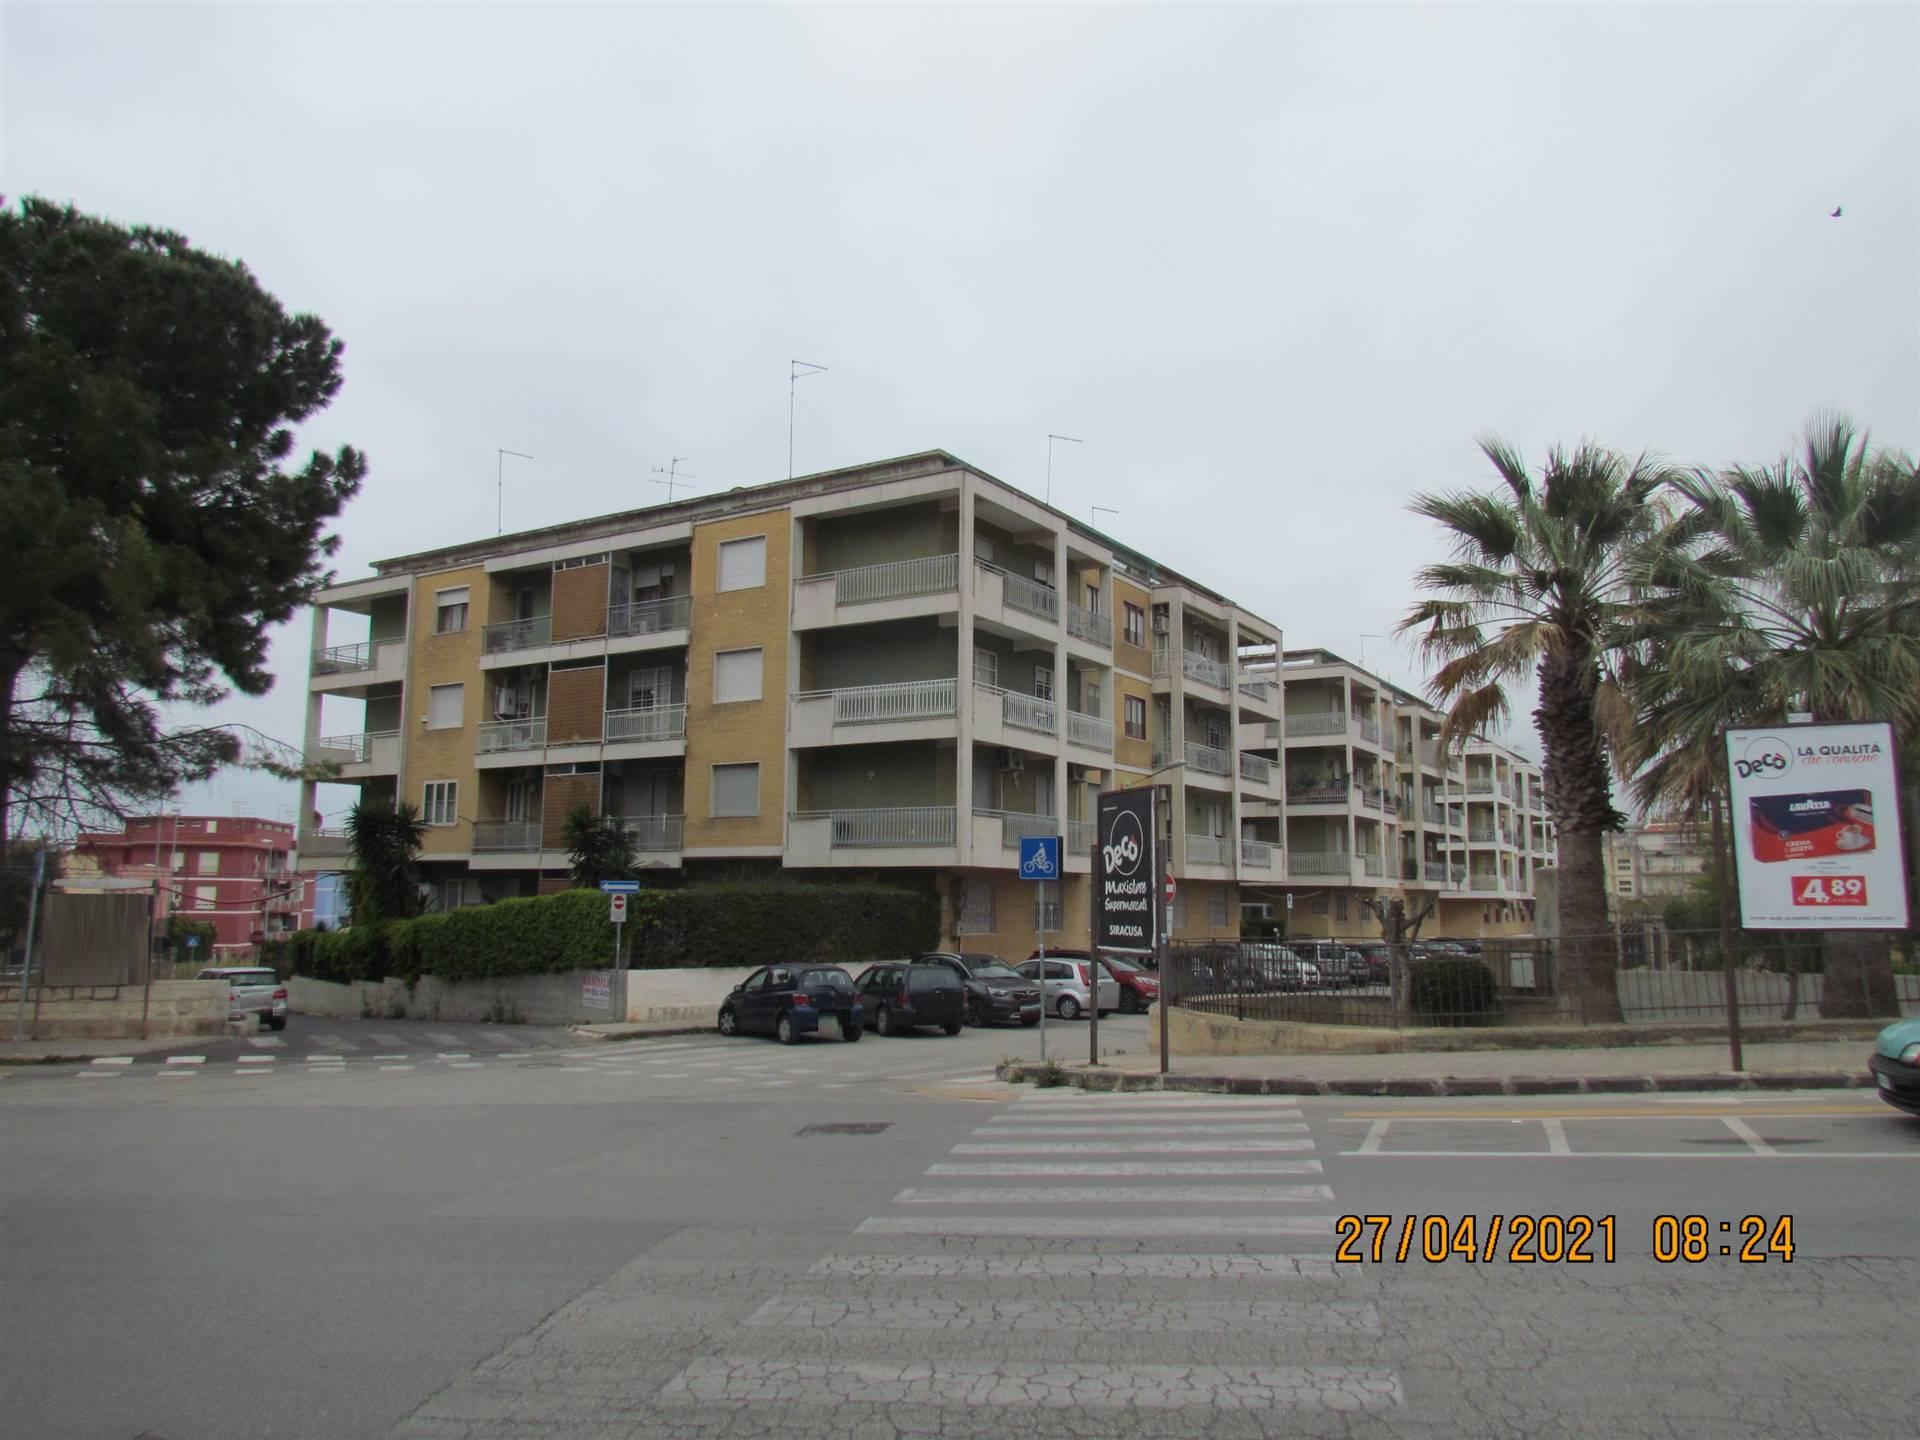 Disponiamo di un appartamento di 219 mq posto al terzo ed ultimo piano con due ingressi. Composto da salone, quattro camere da letto, tre bagni e